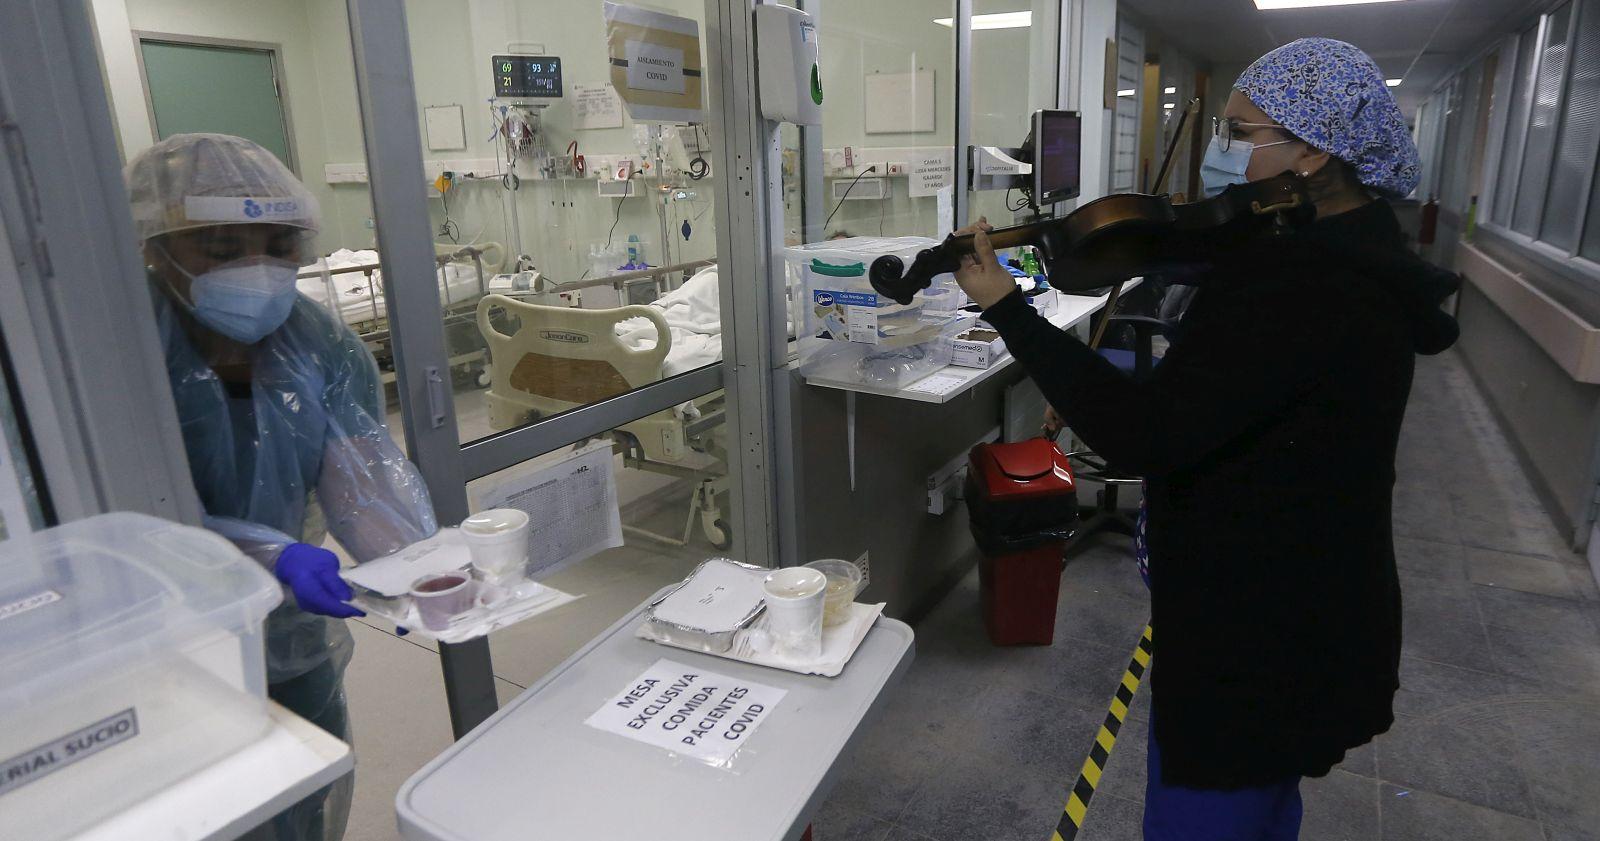 Historia de enfermera del Hospital El Pino que toca el violín llegó a la revista Time